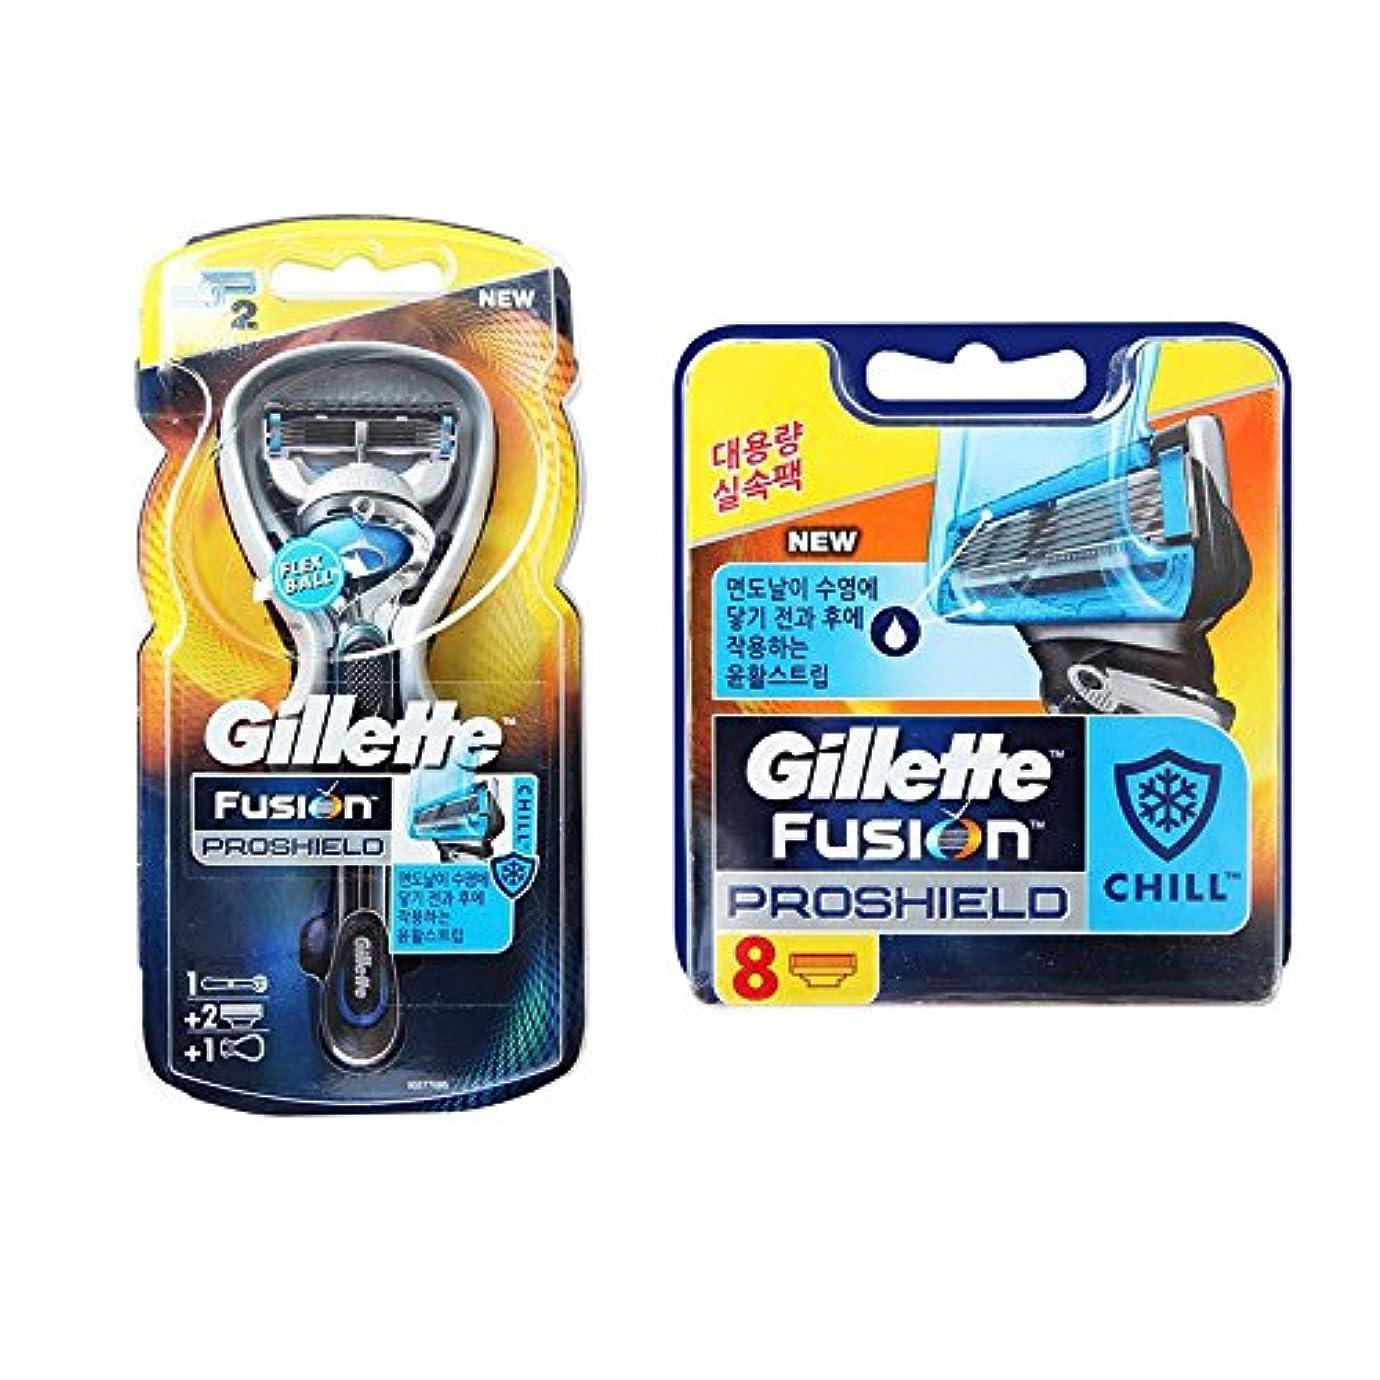 経過フェロー諸島一般Gillette Fusion Proshield Chill Blue 1本の剃刀と10本の剃刀刃 [並行輸入品]